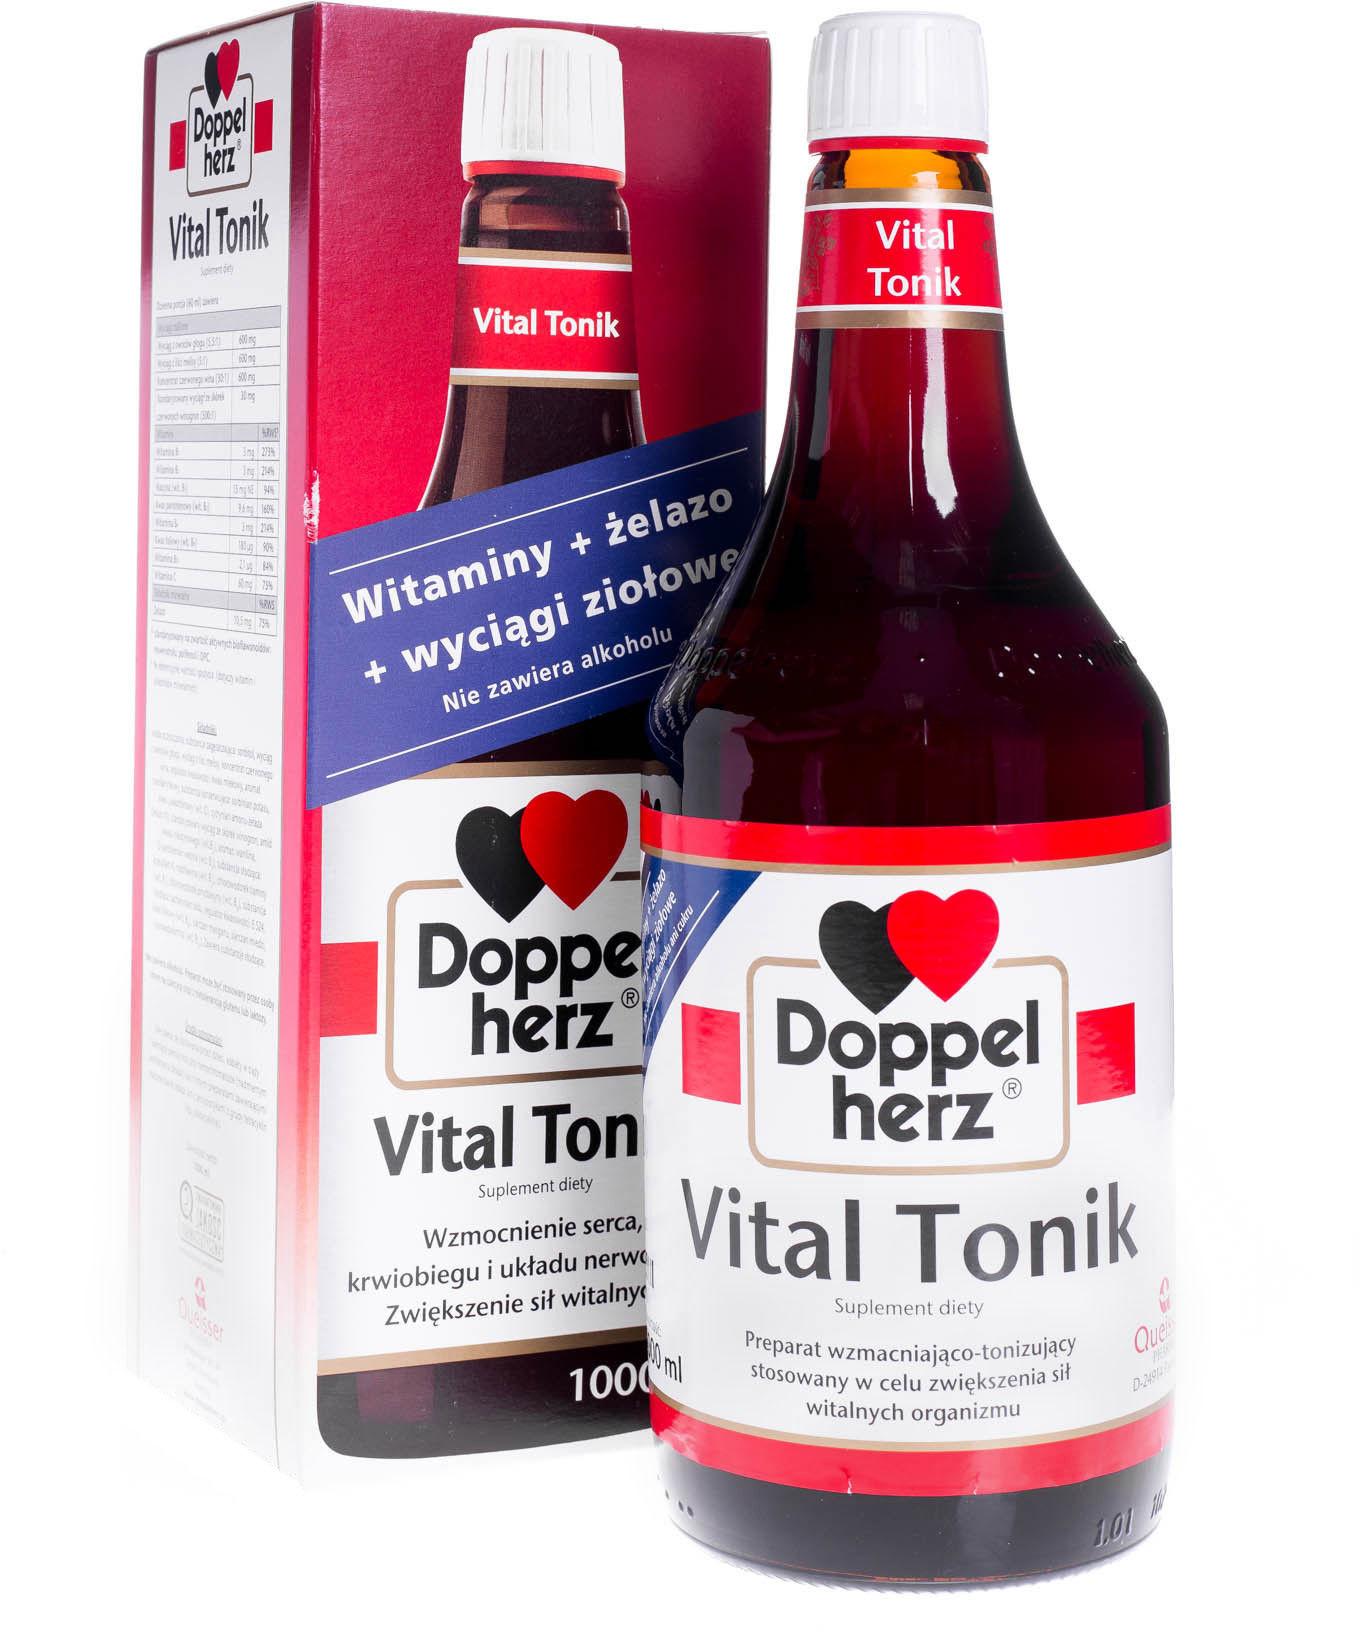 Doppelherz Vital Tonik, 1000 ml